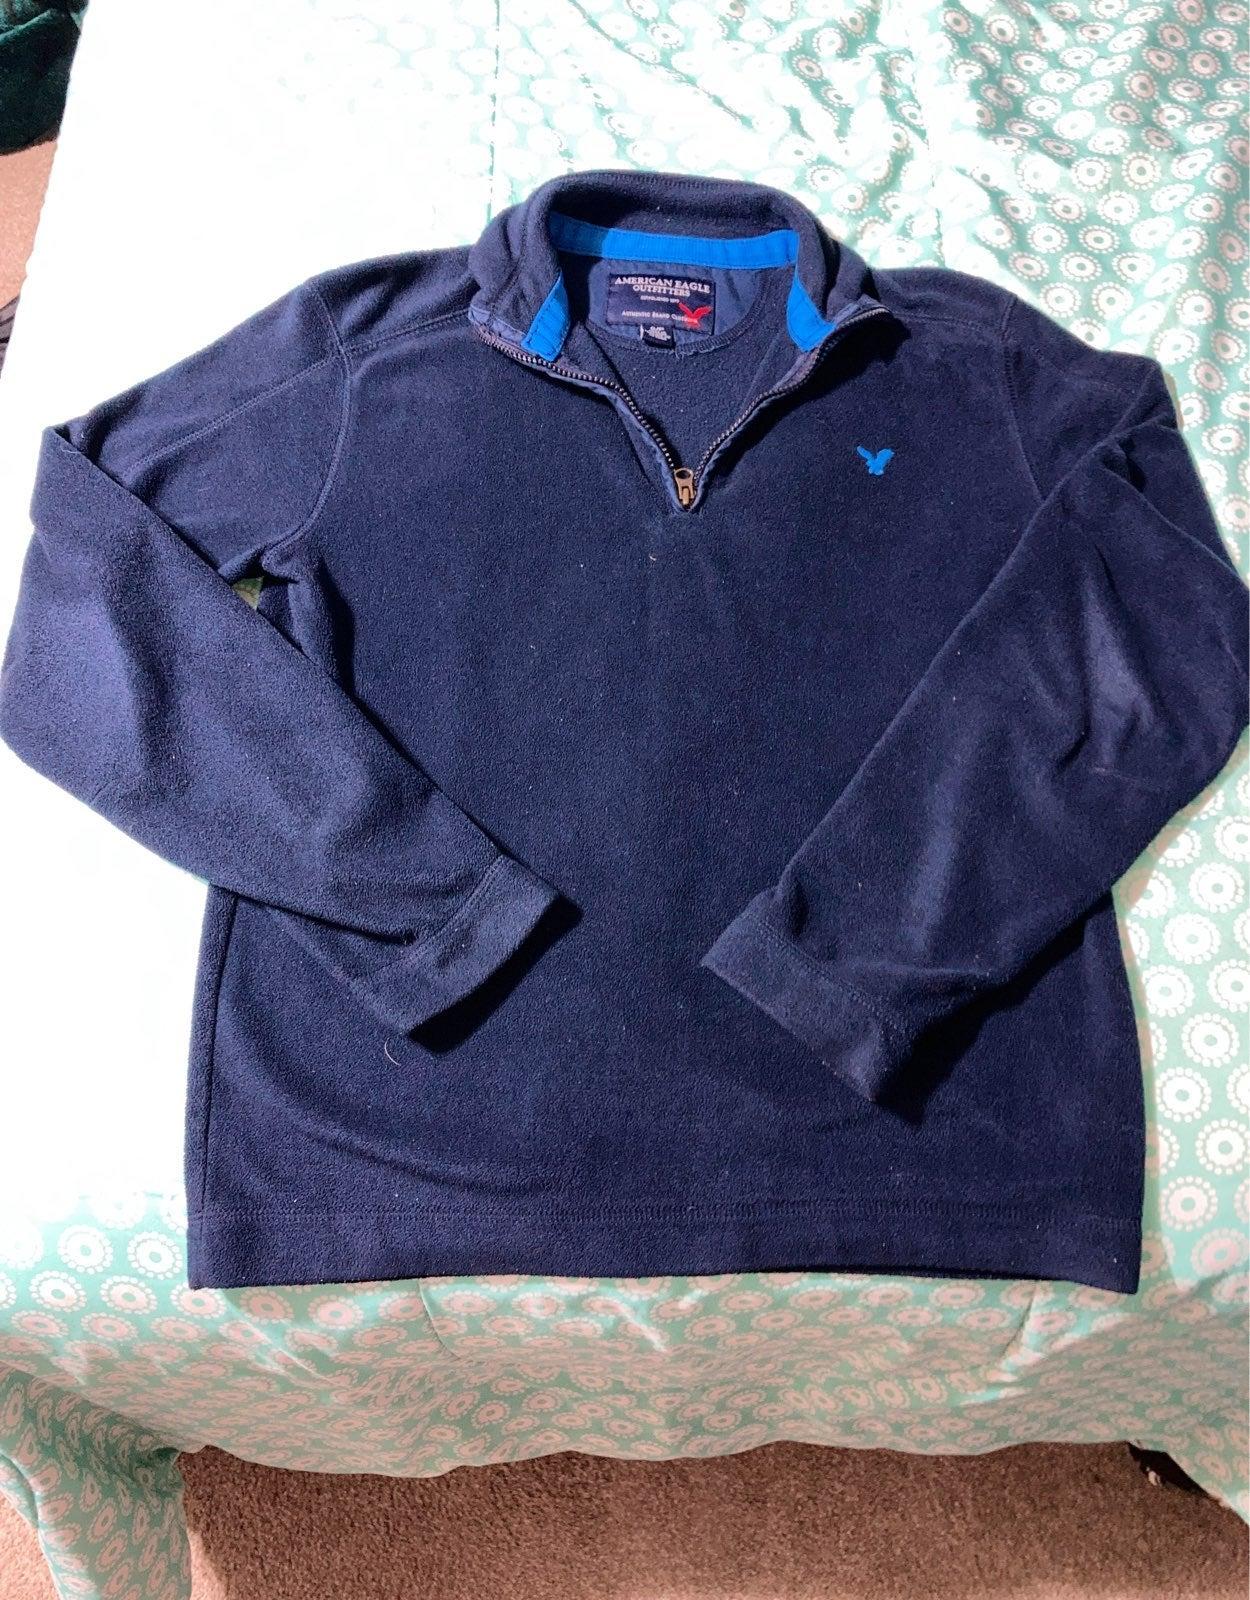 American eagle fleece pullover men small